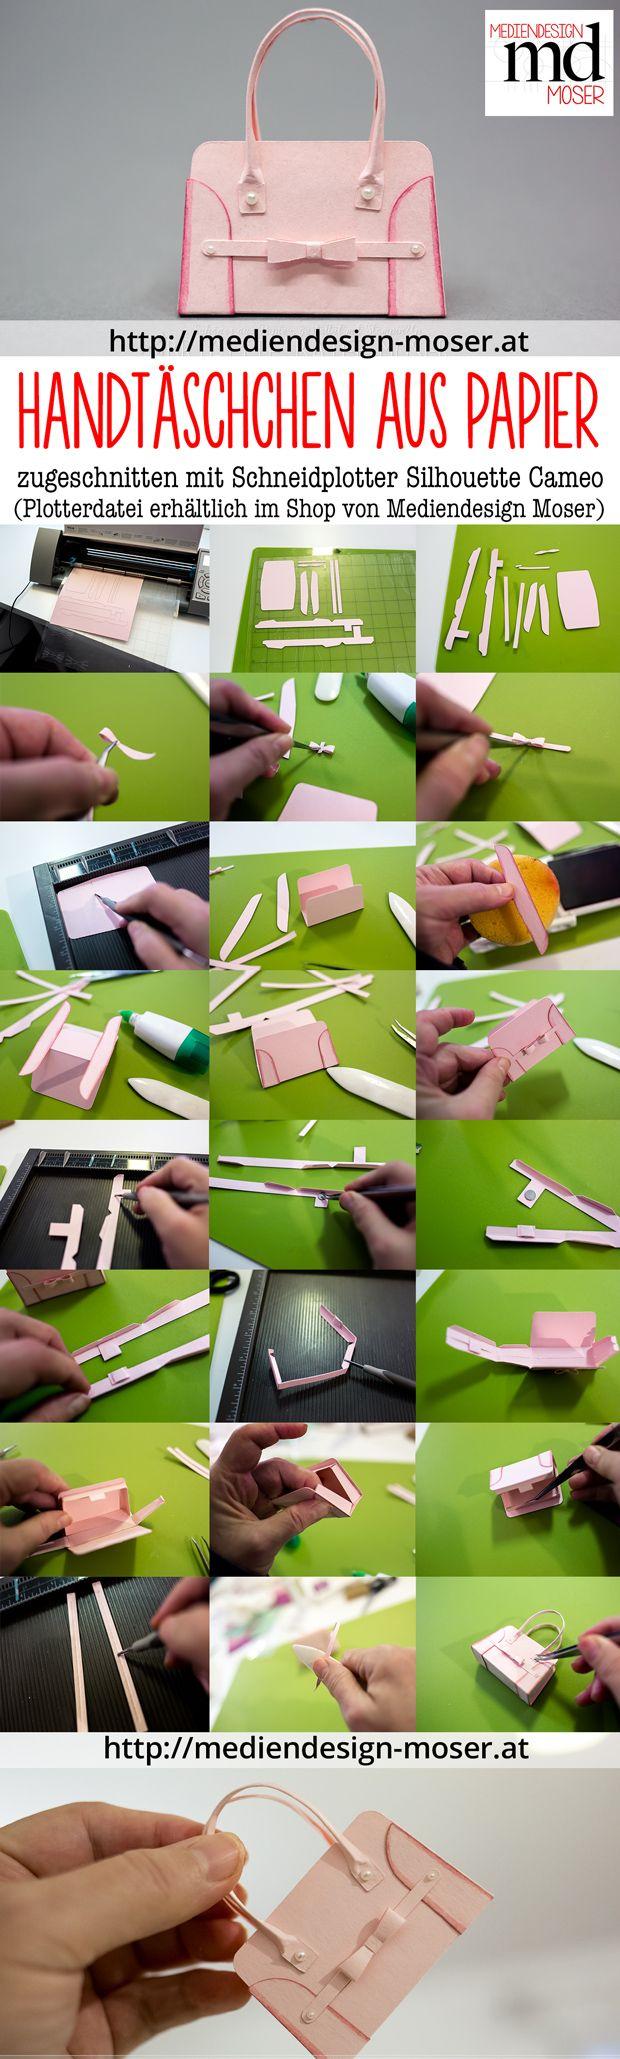 Handtäschchen aus Papier, entworfen von Brigitte Baier-Moser, hergestellt mit dem Schneidplotter Silhouette Cameo